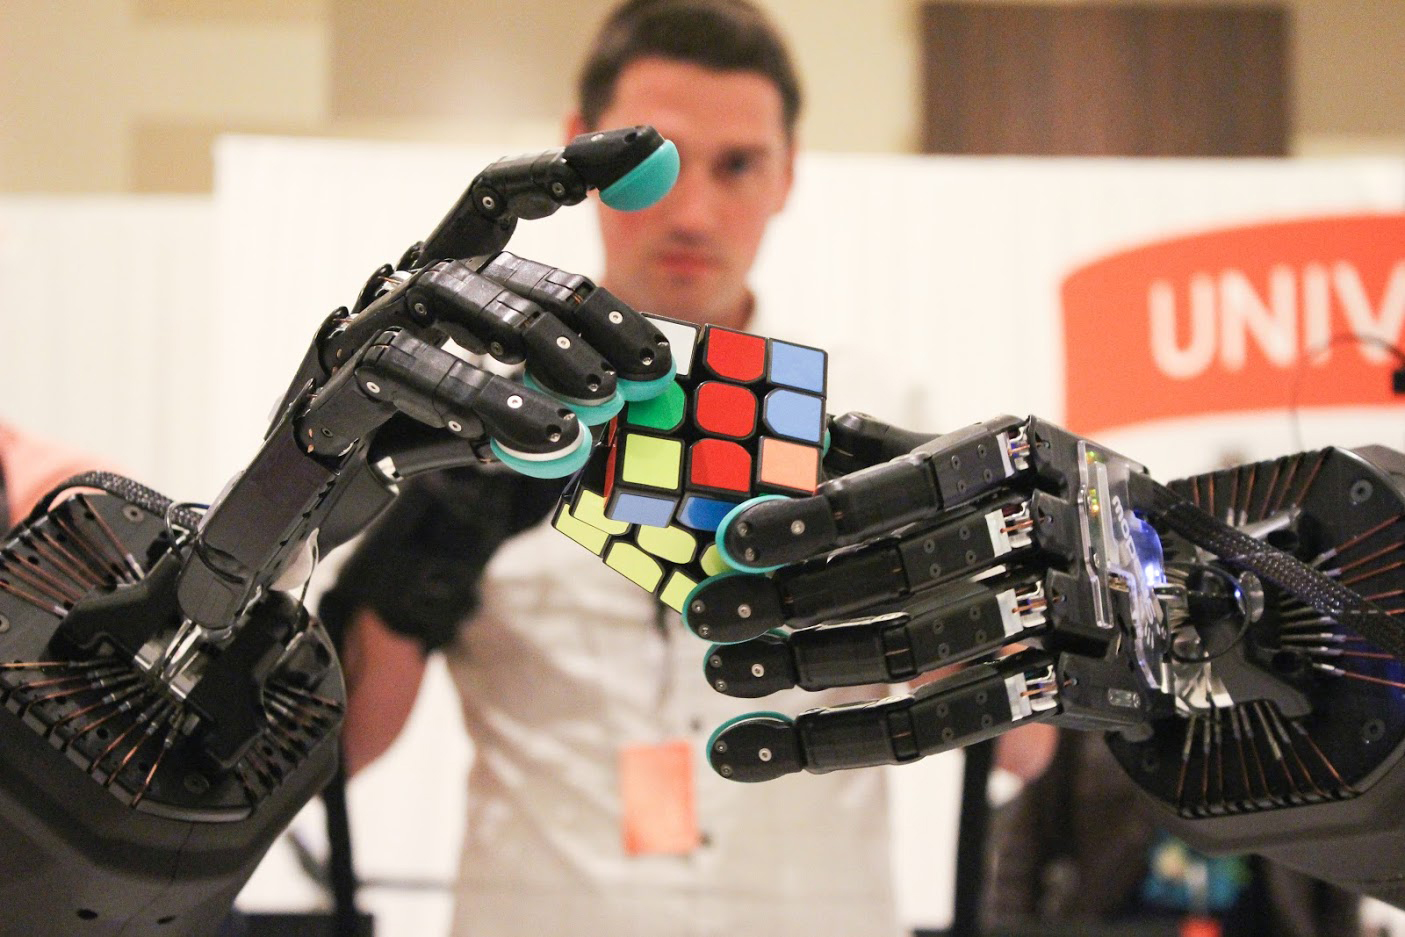 La nueva generación de robots tendrá manos más humanas